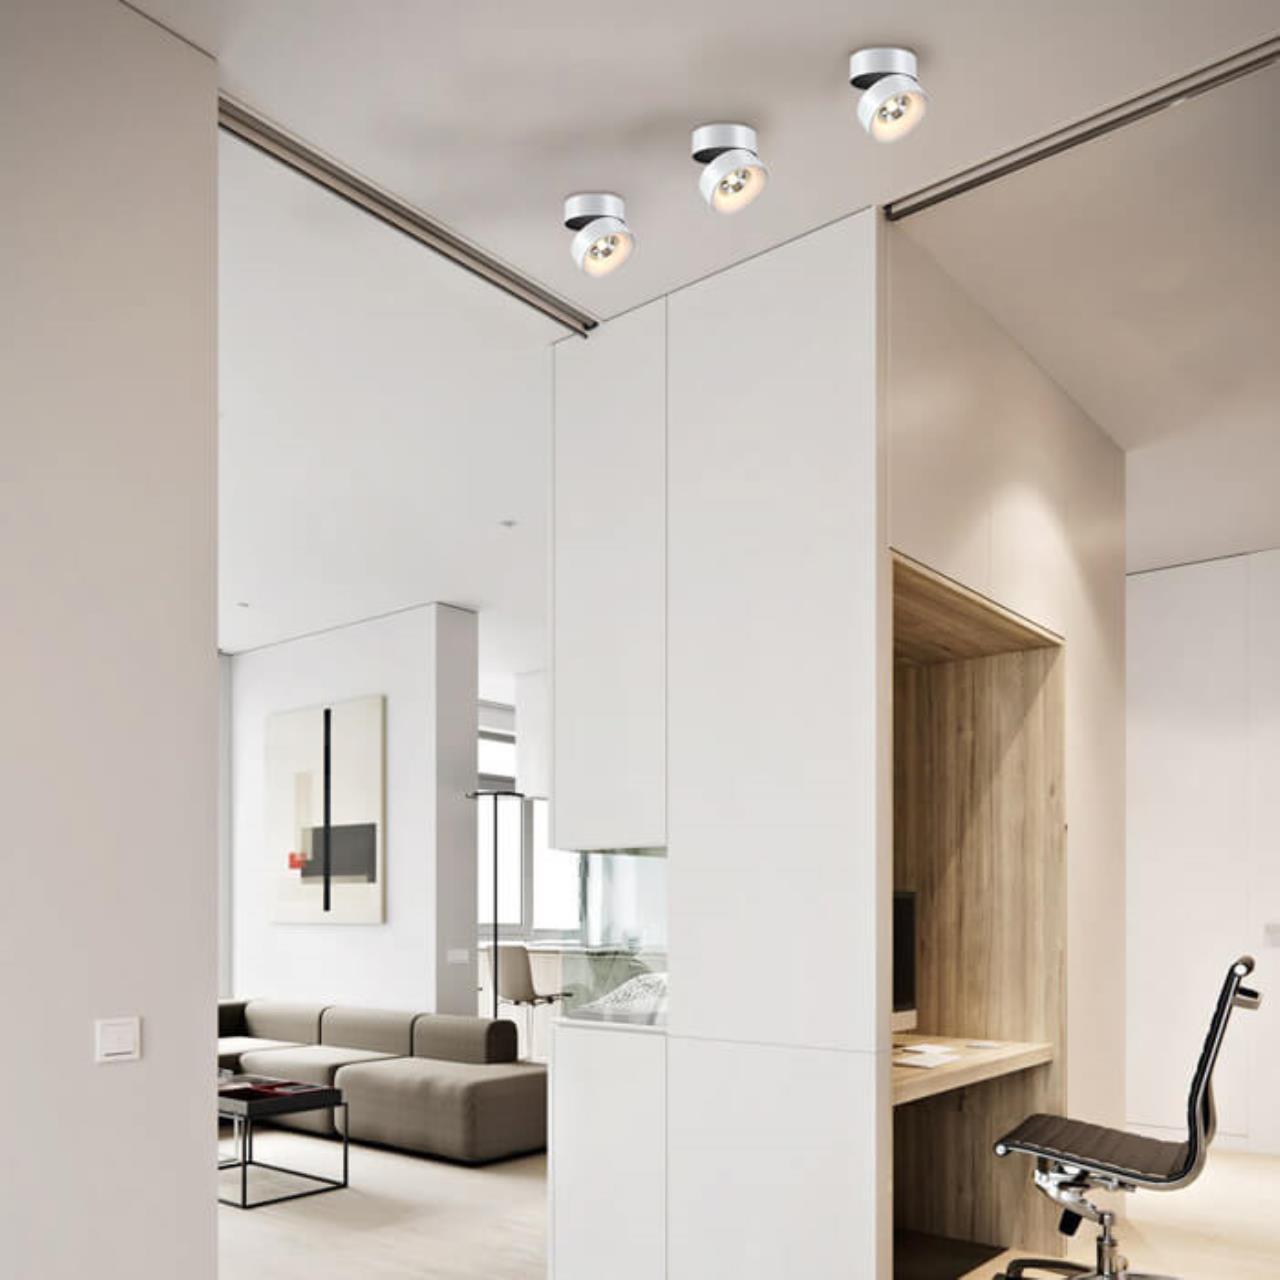 Потолочный светодиодный светильник с регулировкой направления света Novotech Tubo 357473, LED 25W 3000K 2000lm, белый, металл - фото 3